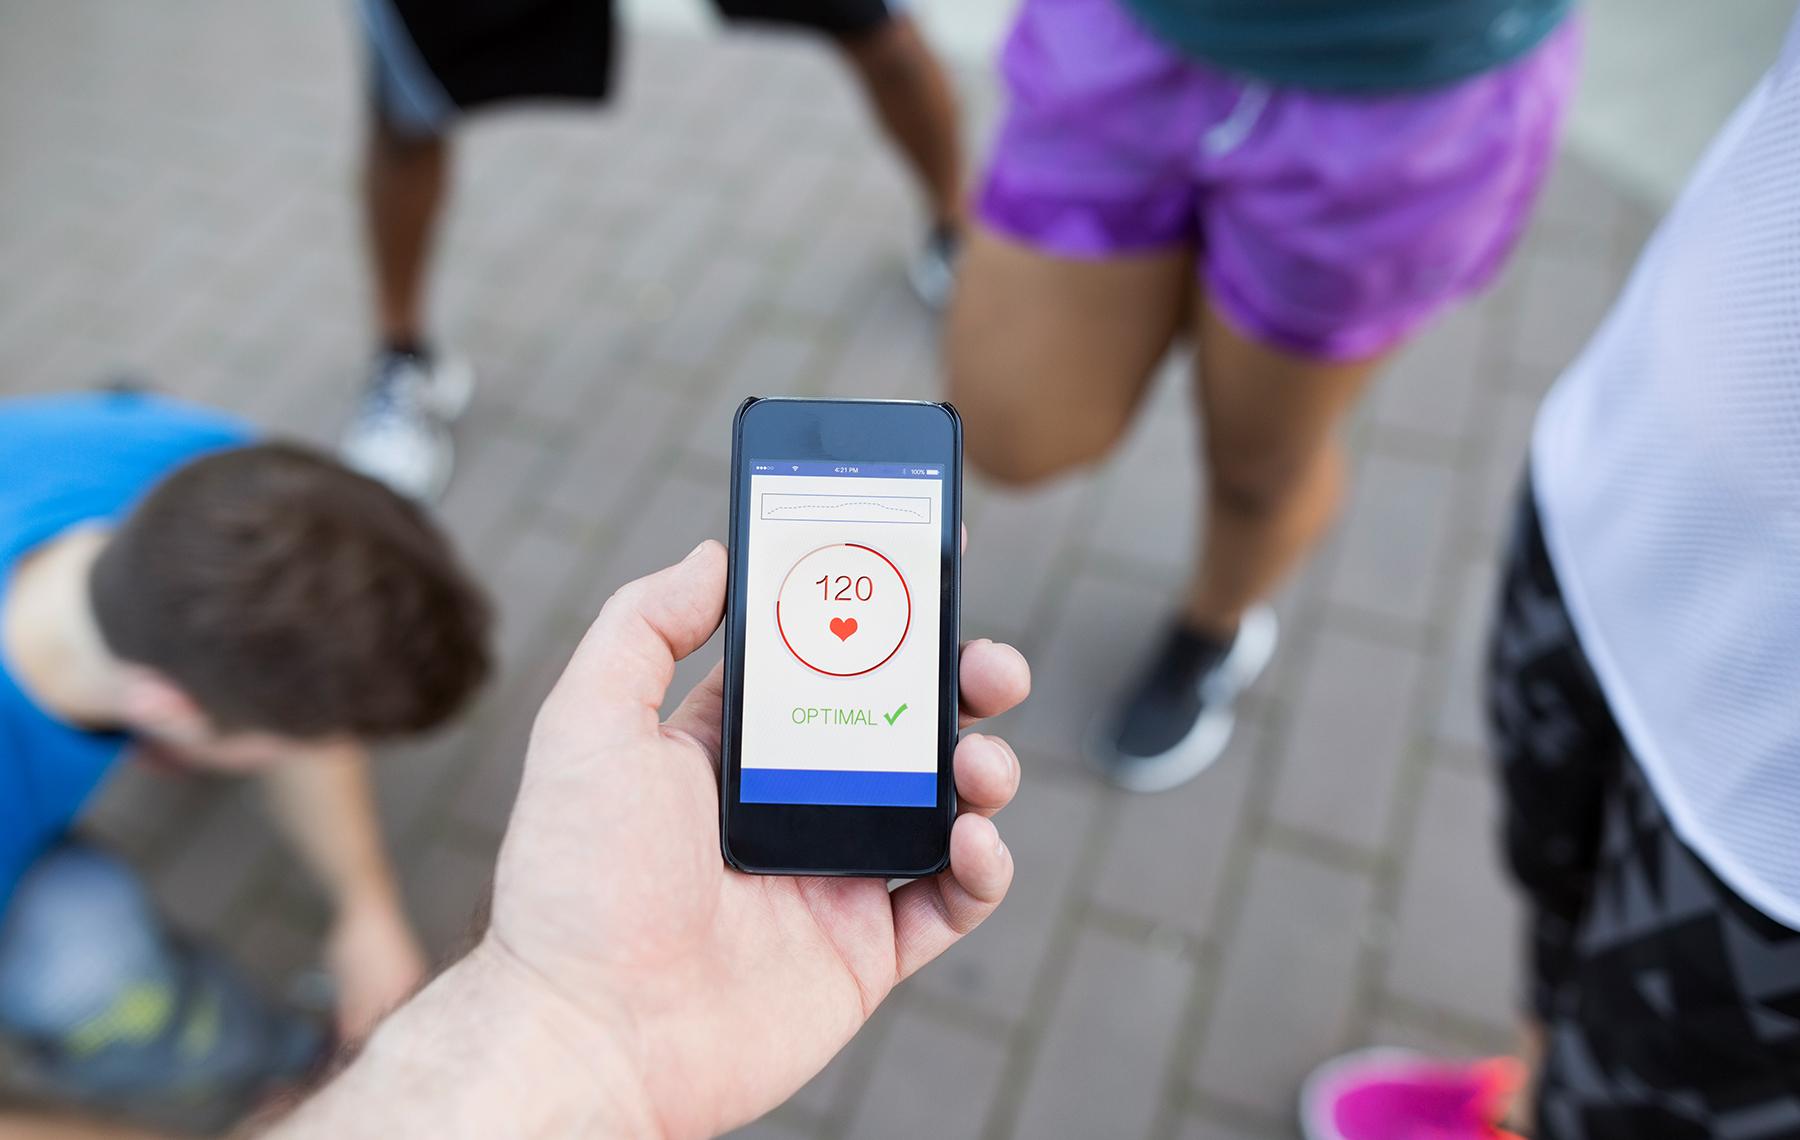 AltaMed heart app